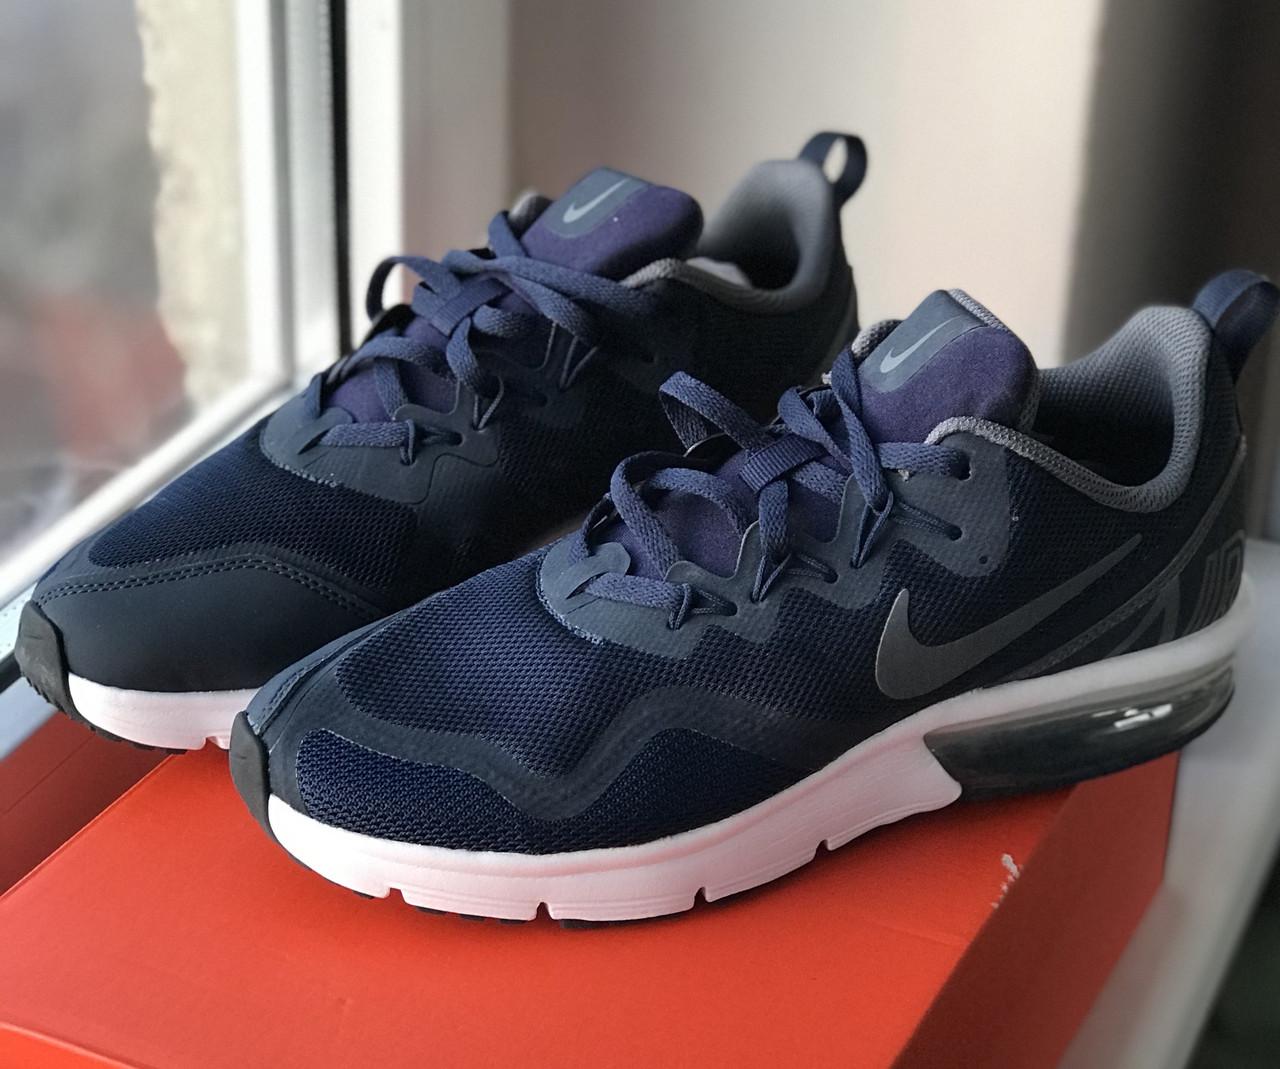 Жіночі бігові кросівки Найк Оригінал Nike Air Max Fury